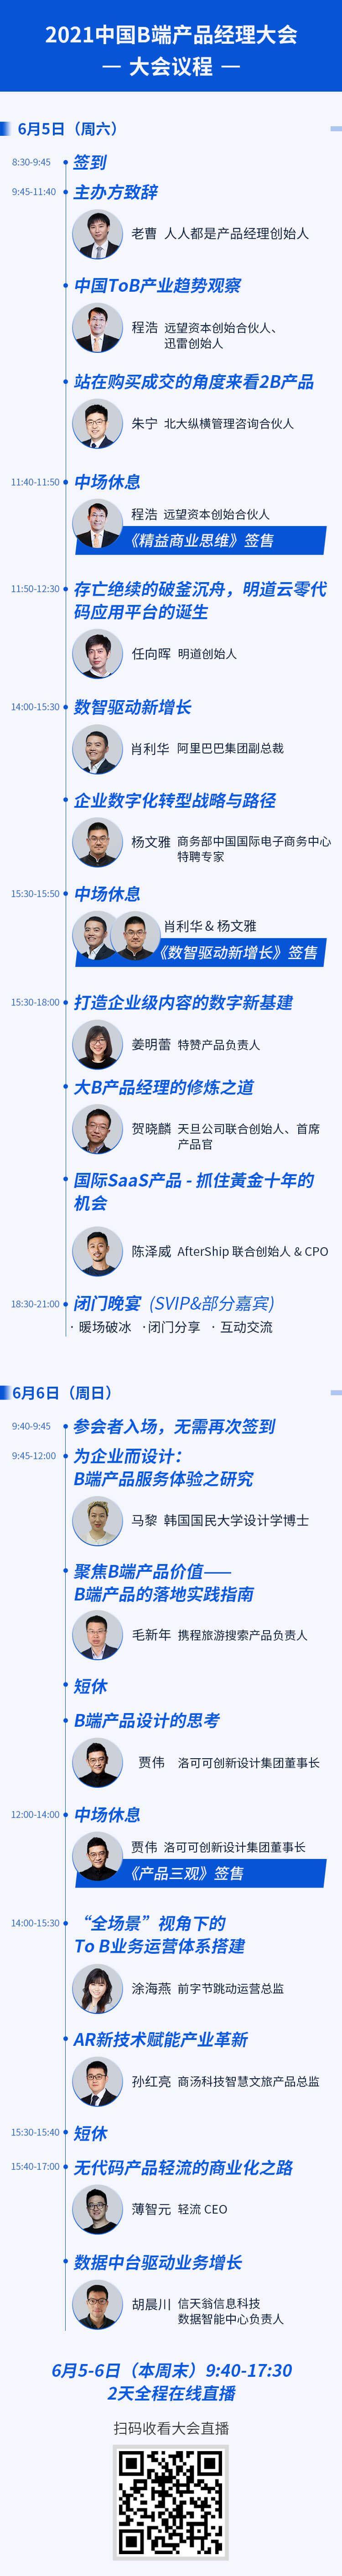 上海大会议程-0605更新版.jpg